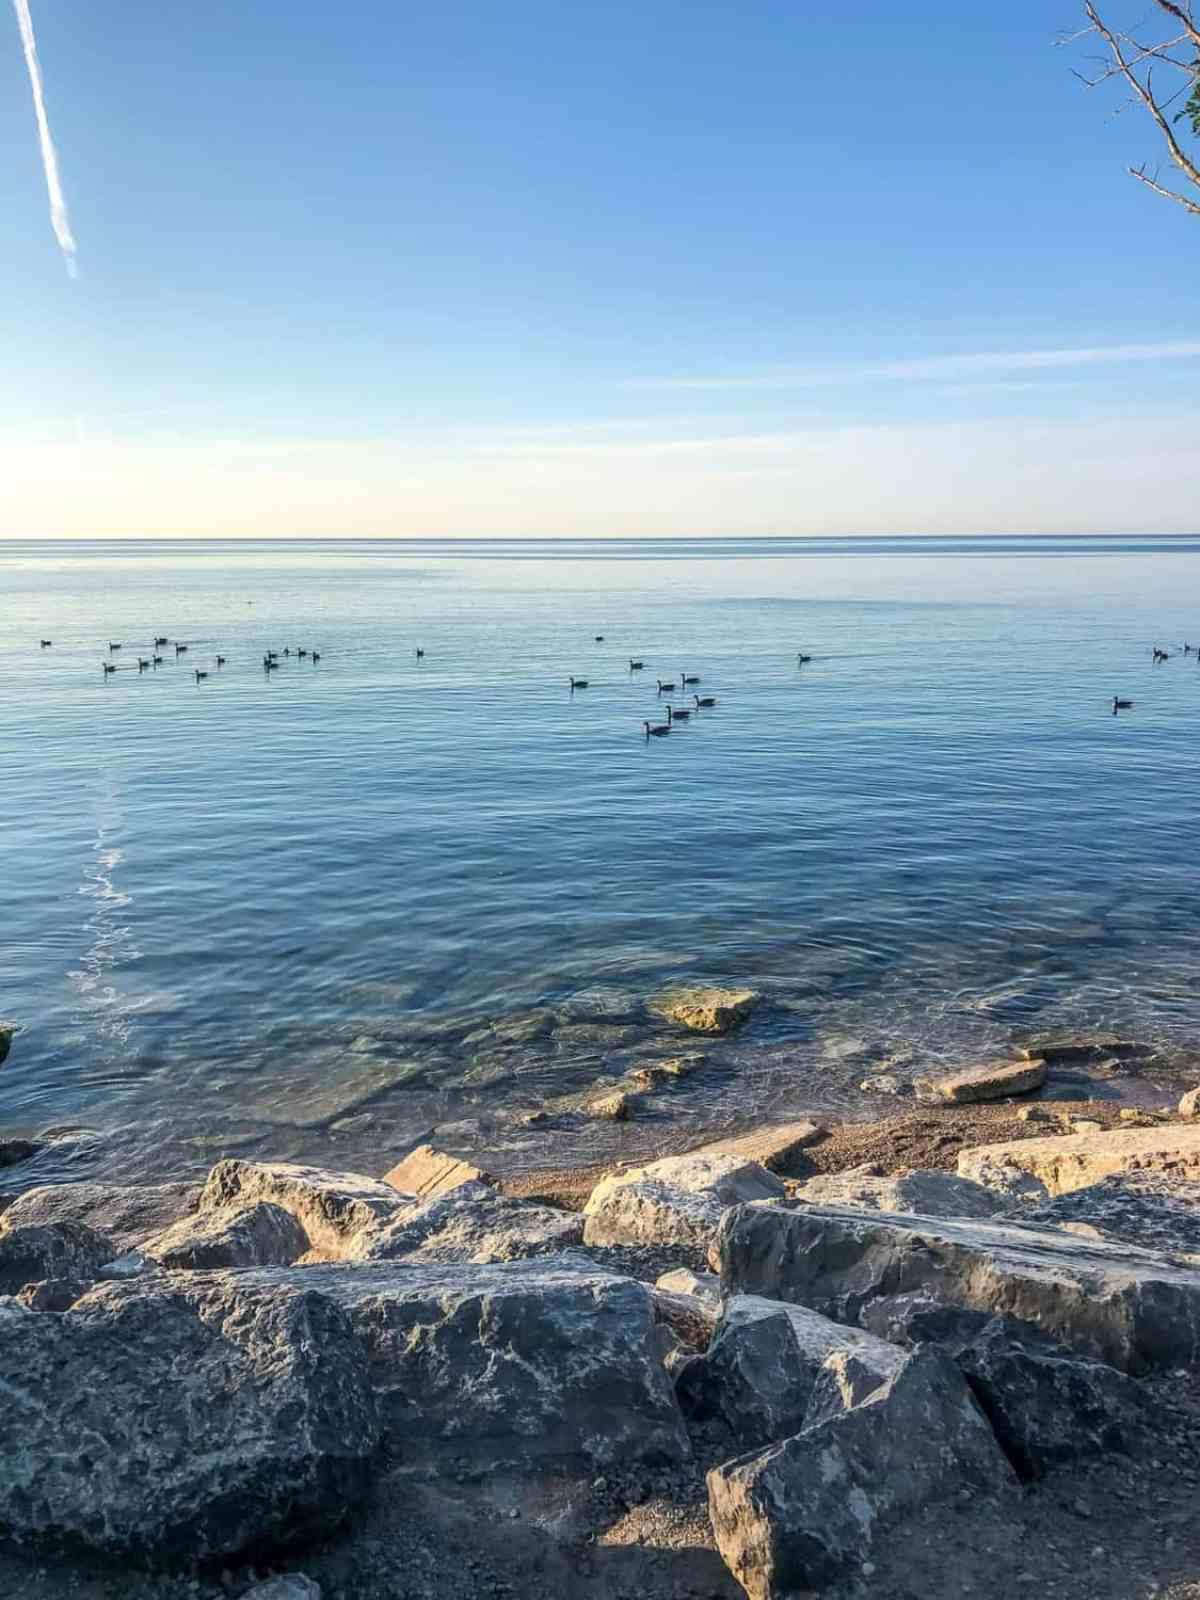 Lake Ontario at sunrise